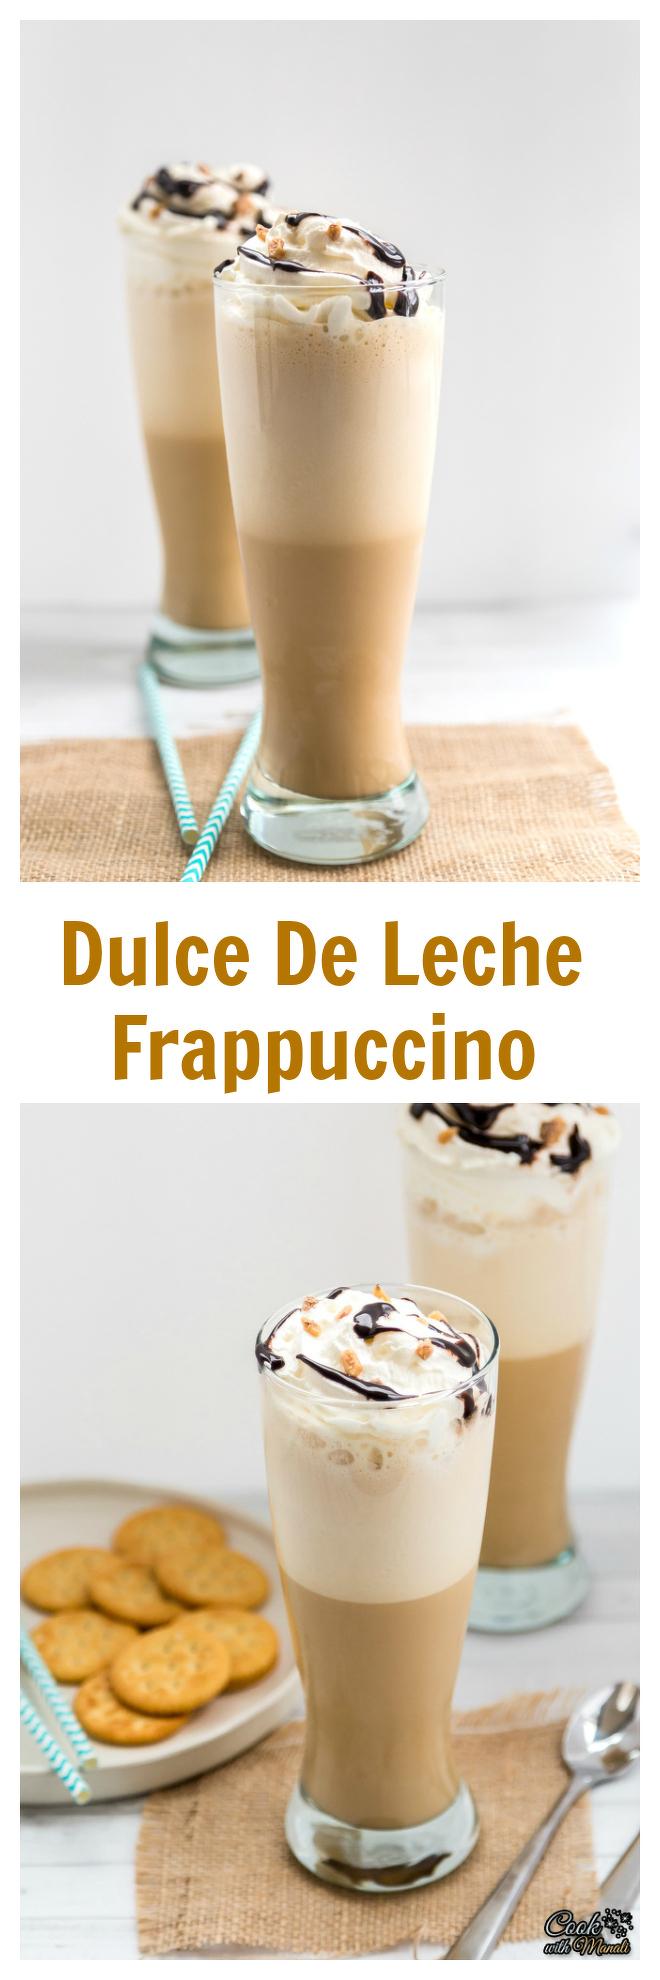 Dulce-De-Leche-Frappuccino-Collage-nocwm